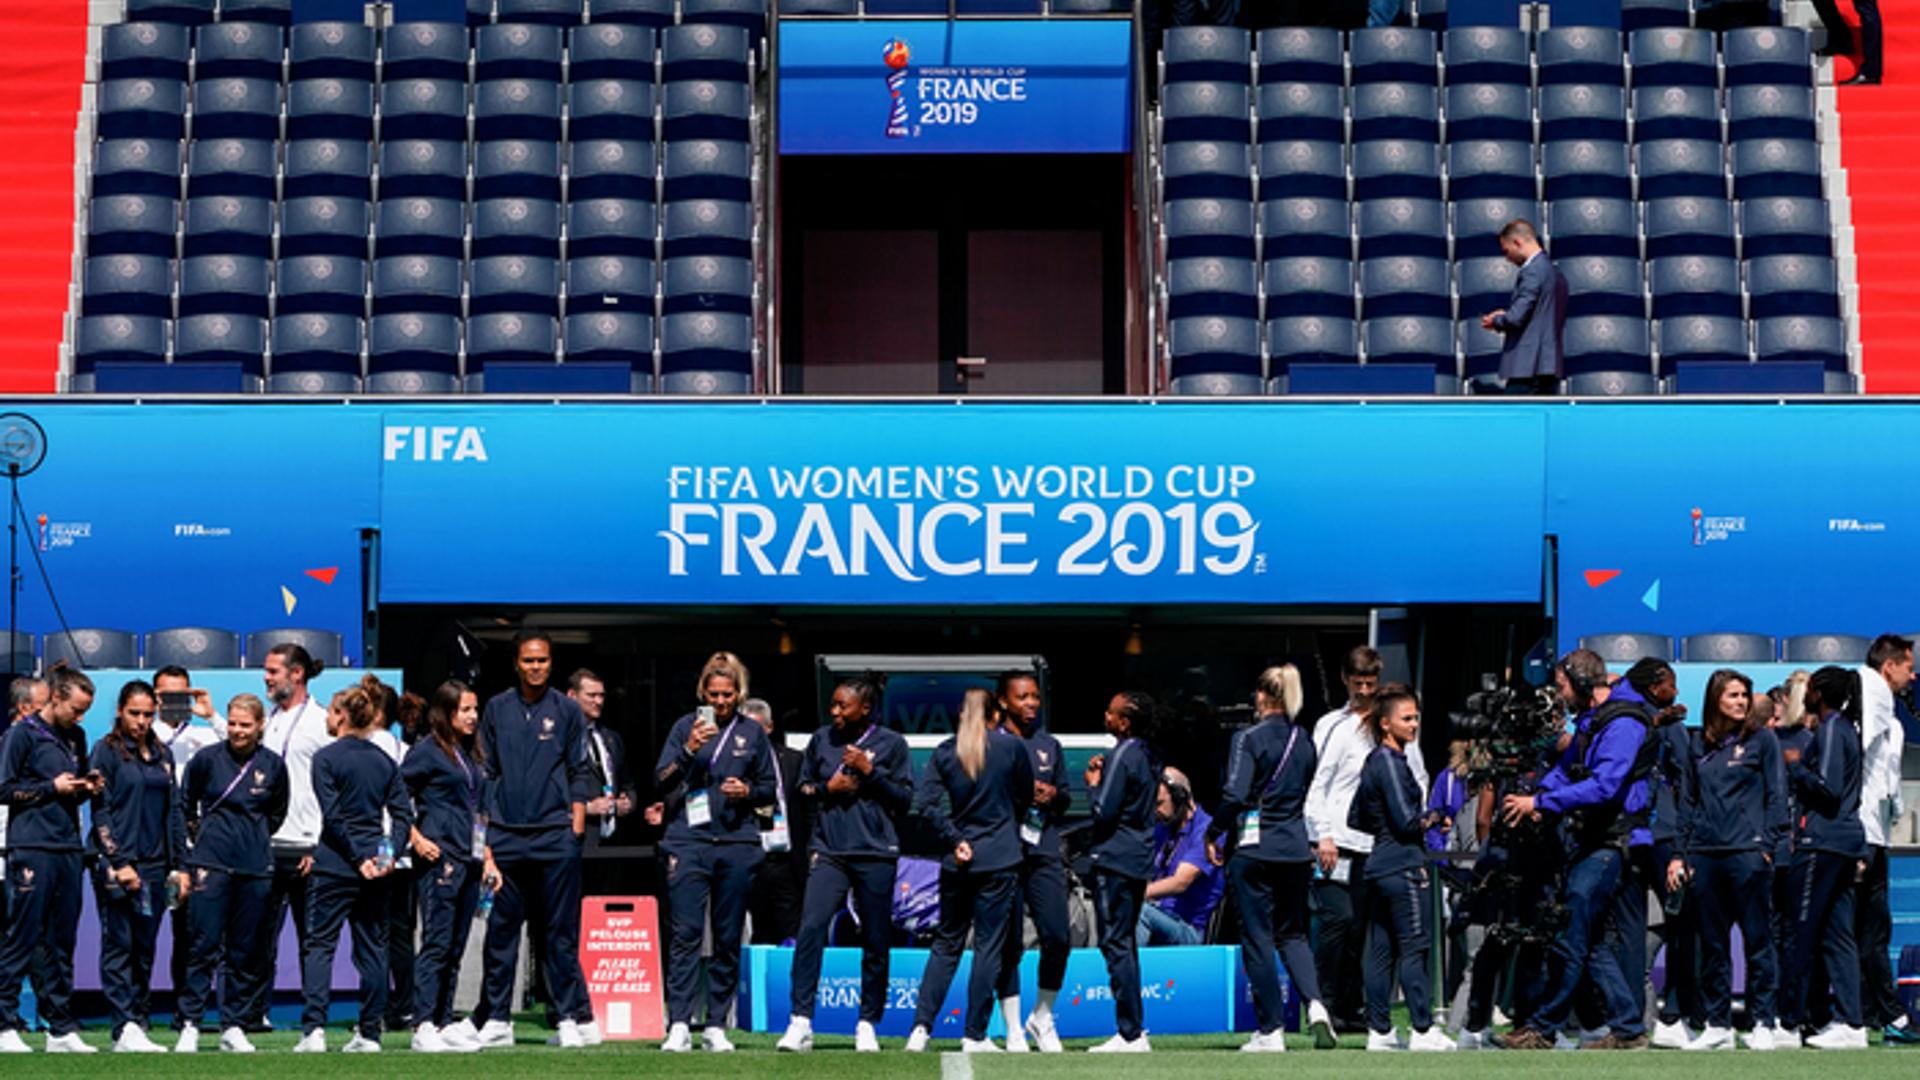 Estados Unidos e Holanda na final da copa do mundo